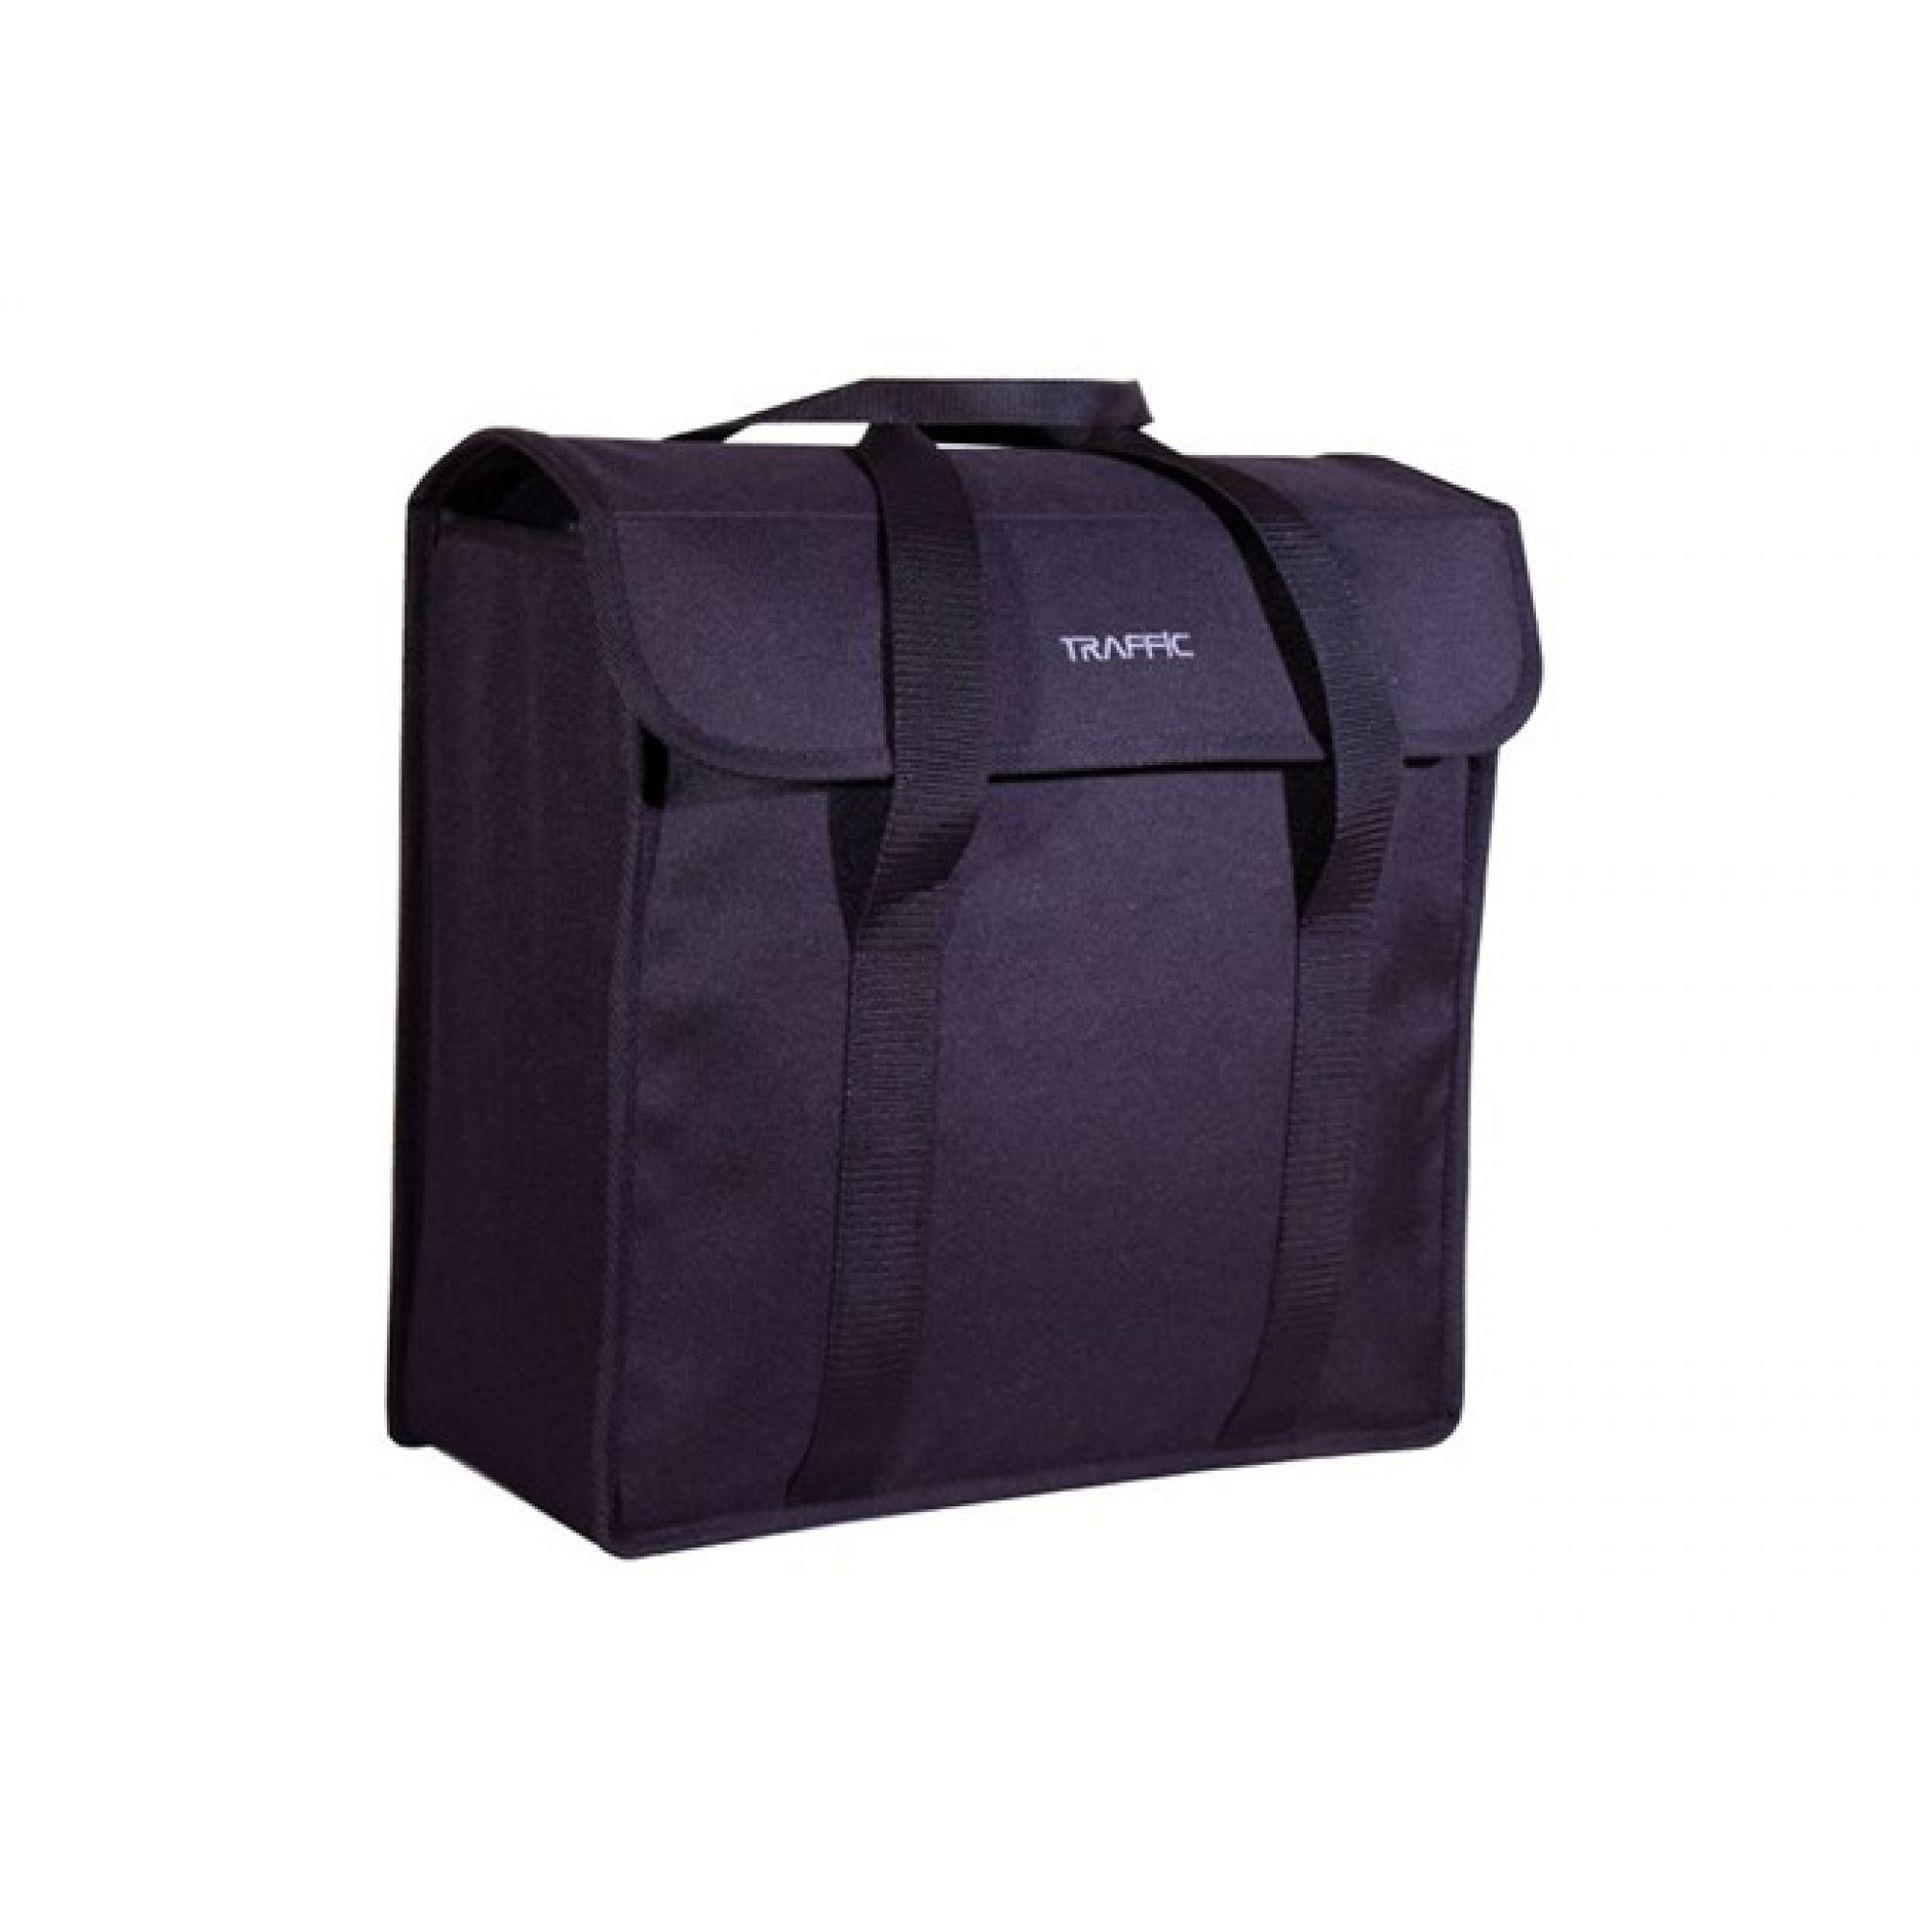 Sakwa Miejska Pojedyncza FastRider Traffic Shopper Bag czarna